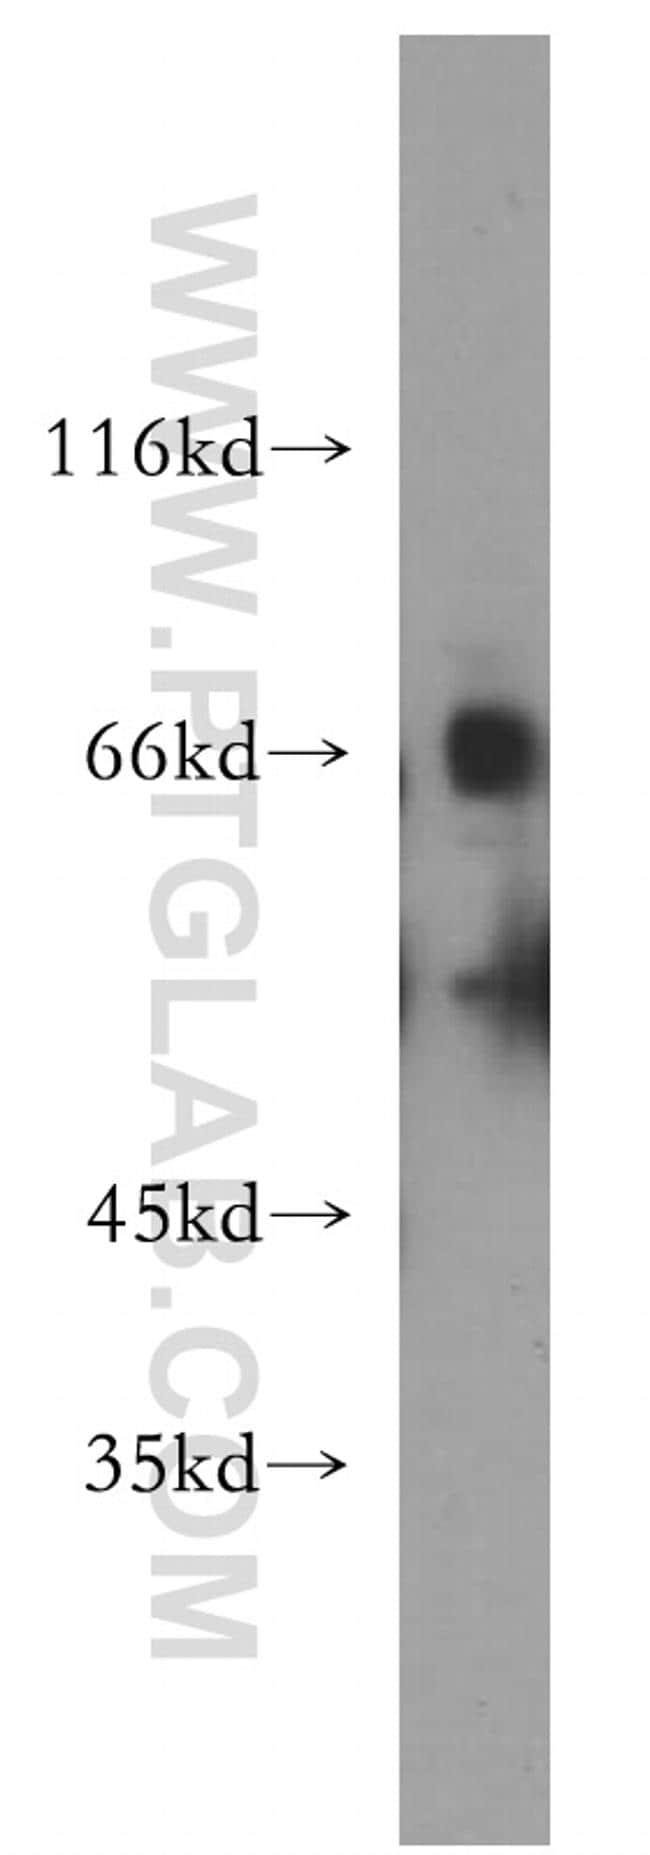 SLC22A2 Antibody in Western Blot (WB)